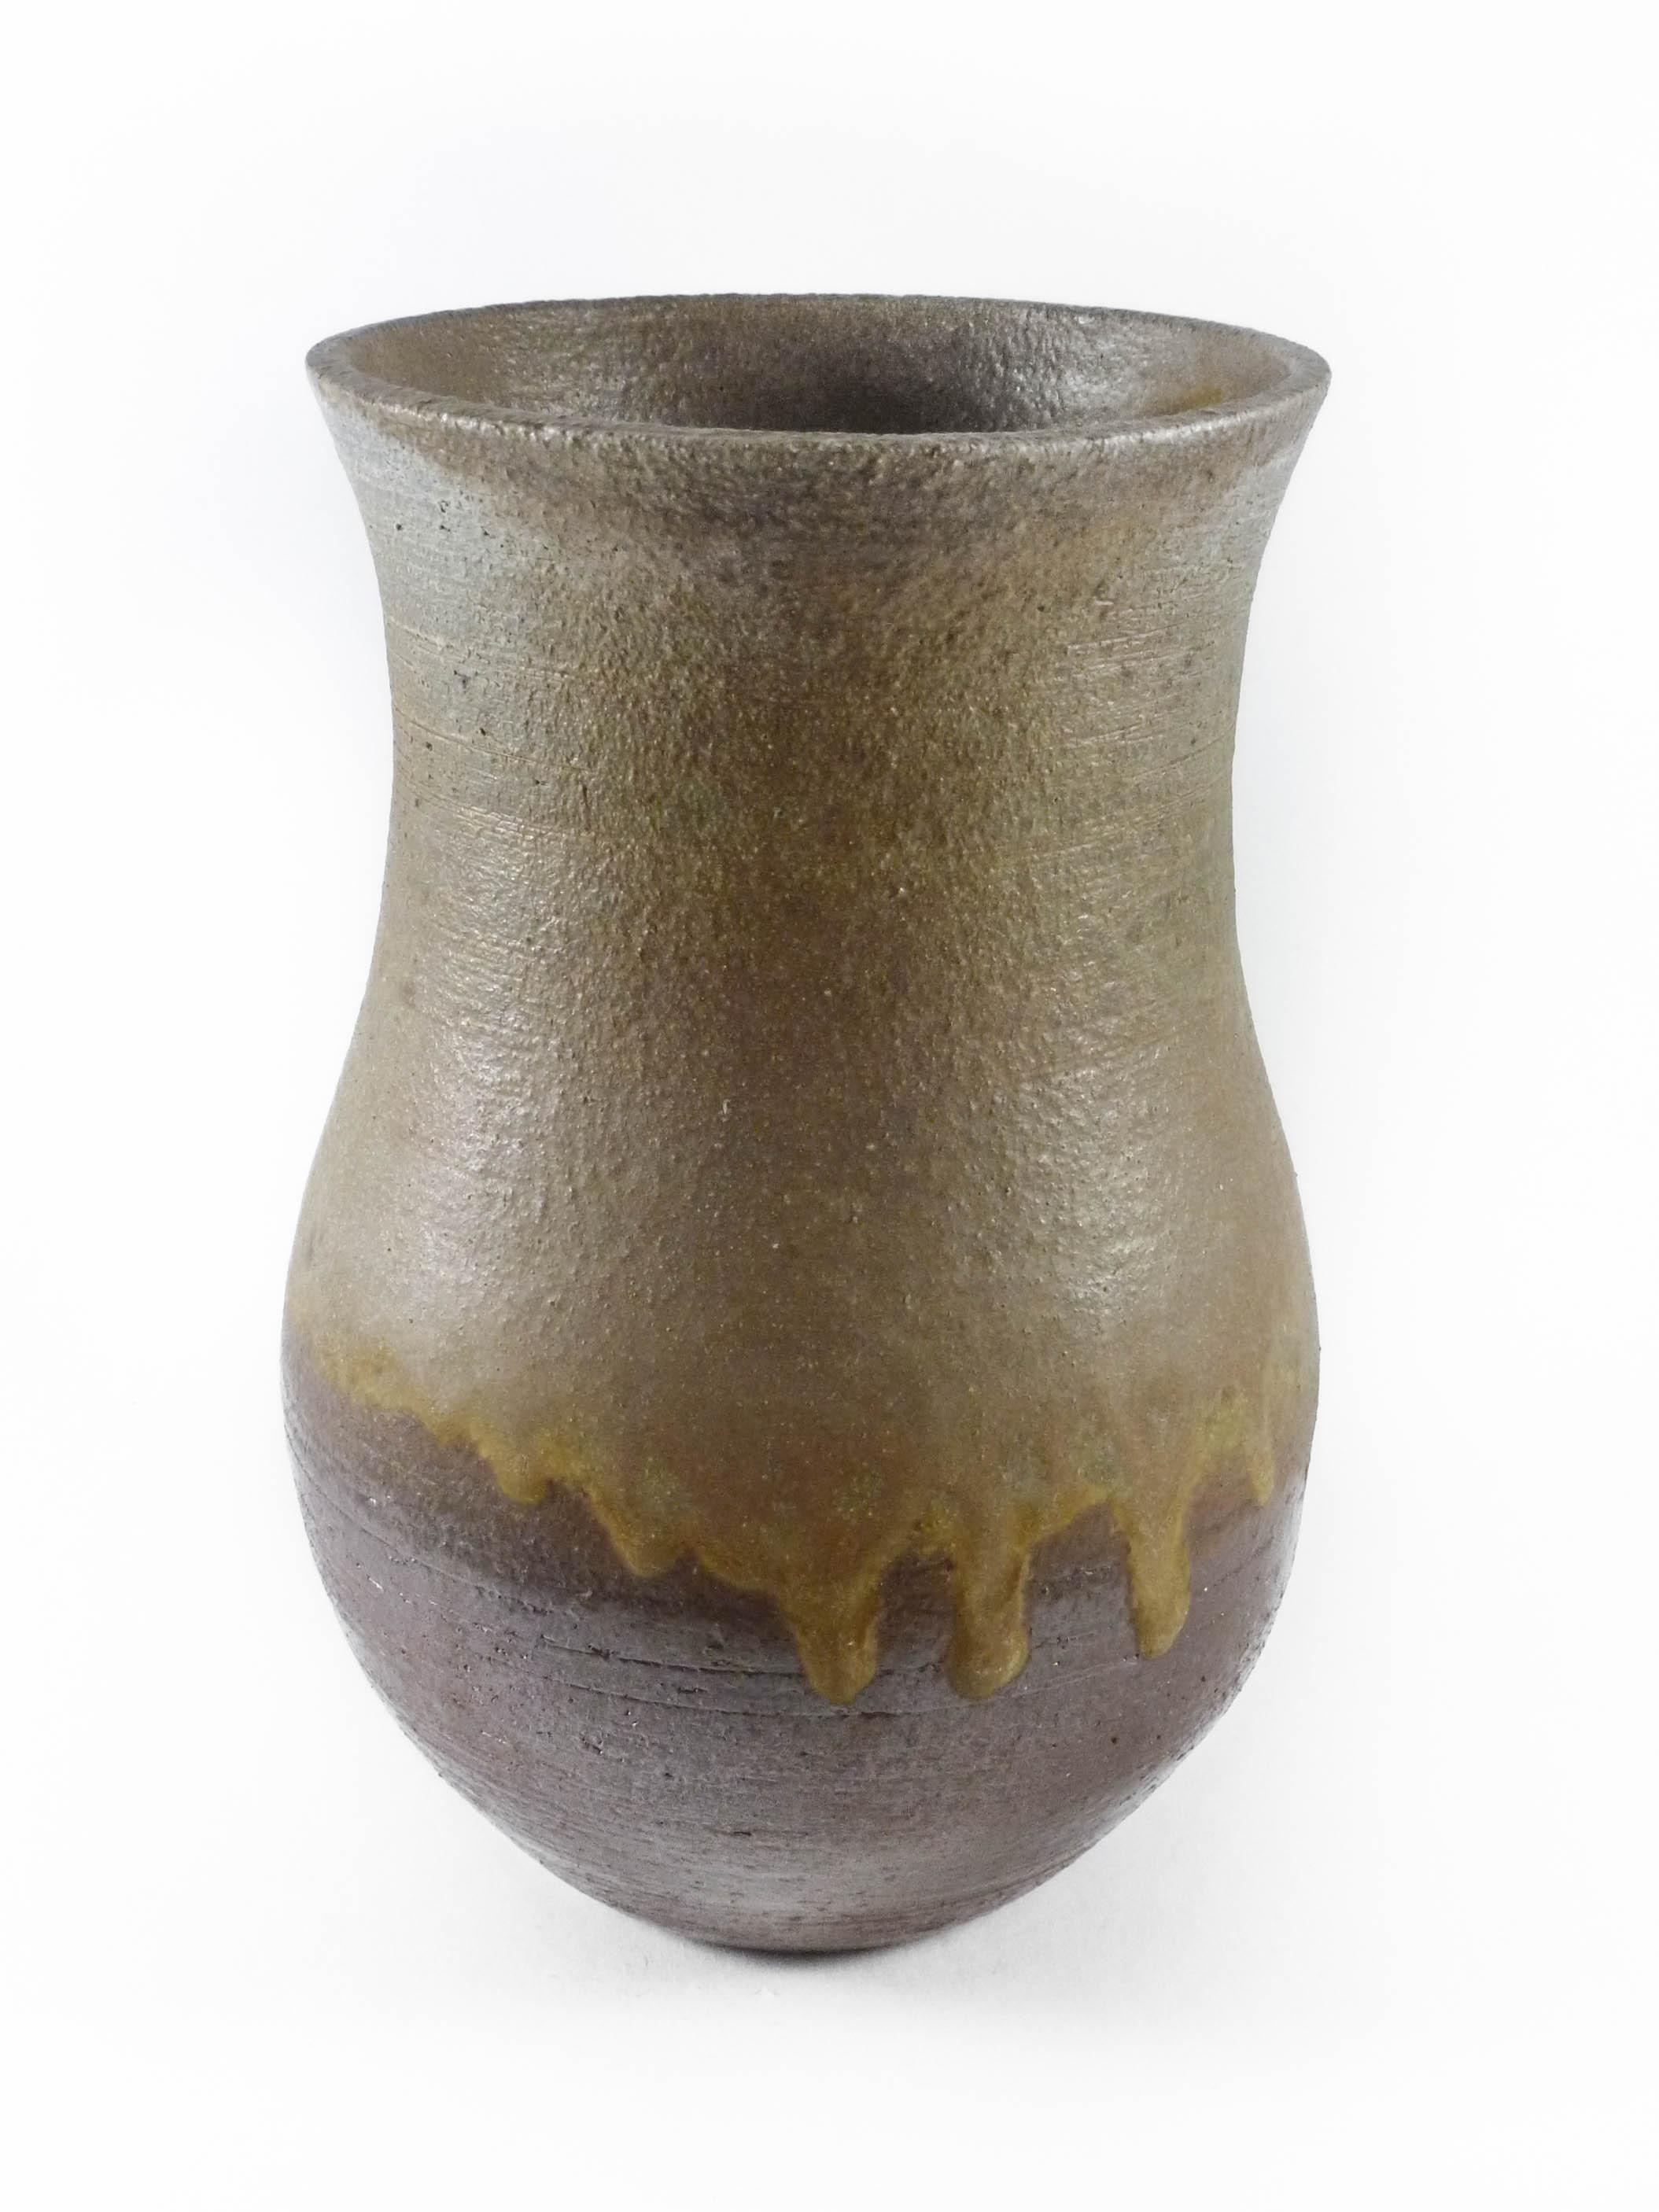 Vases 09-04